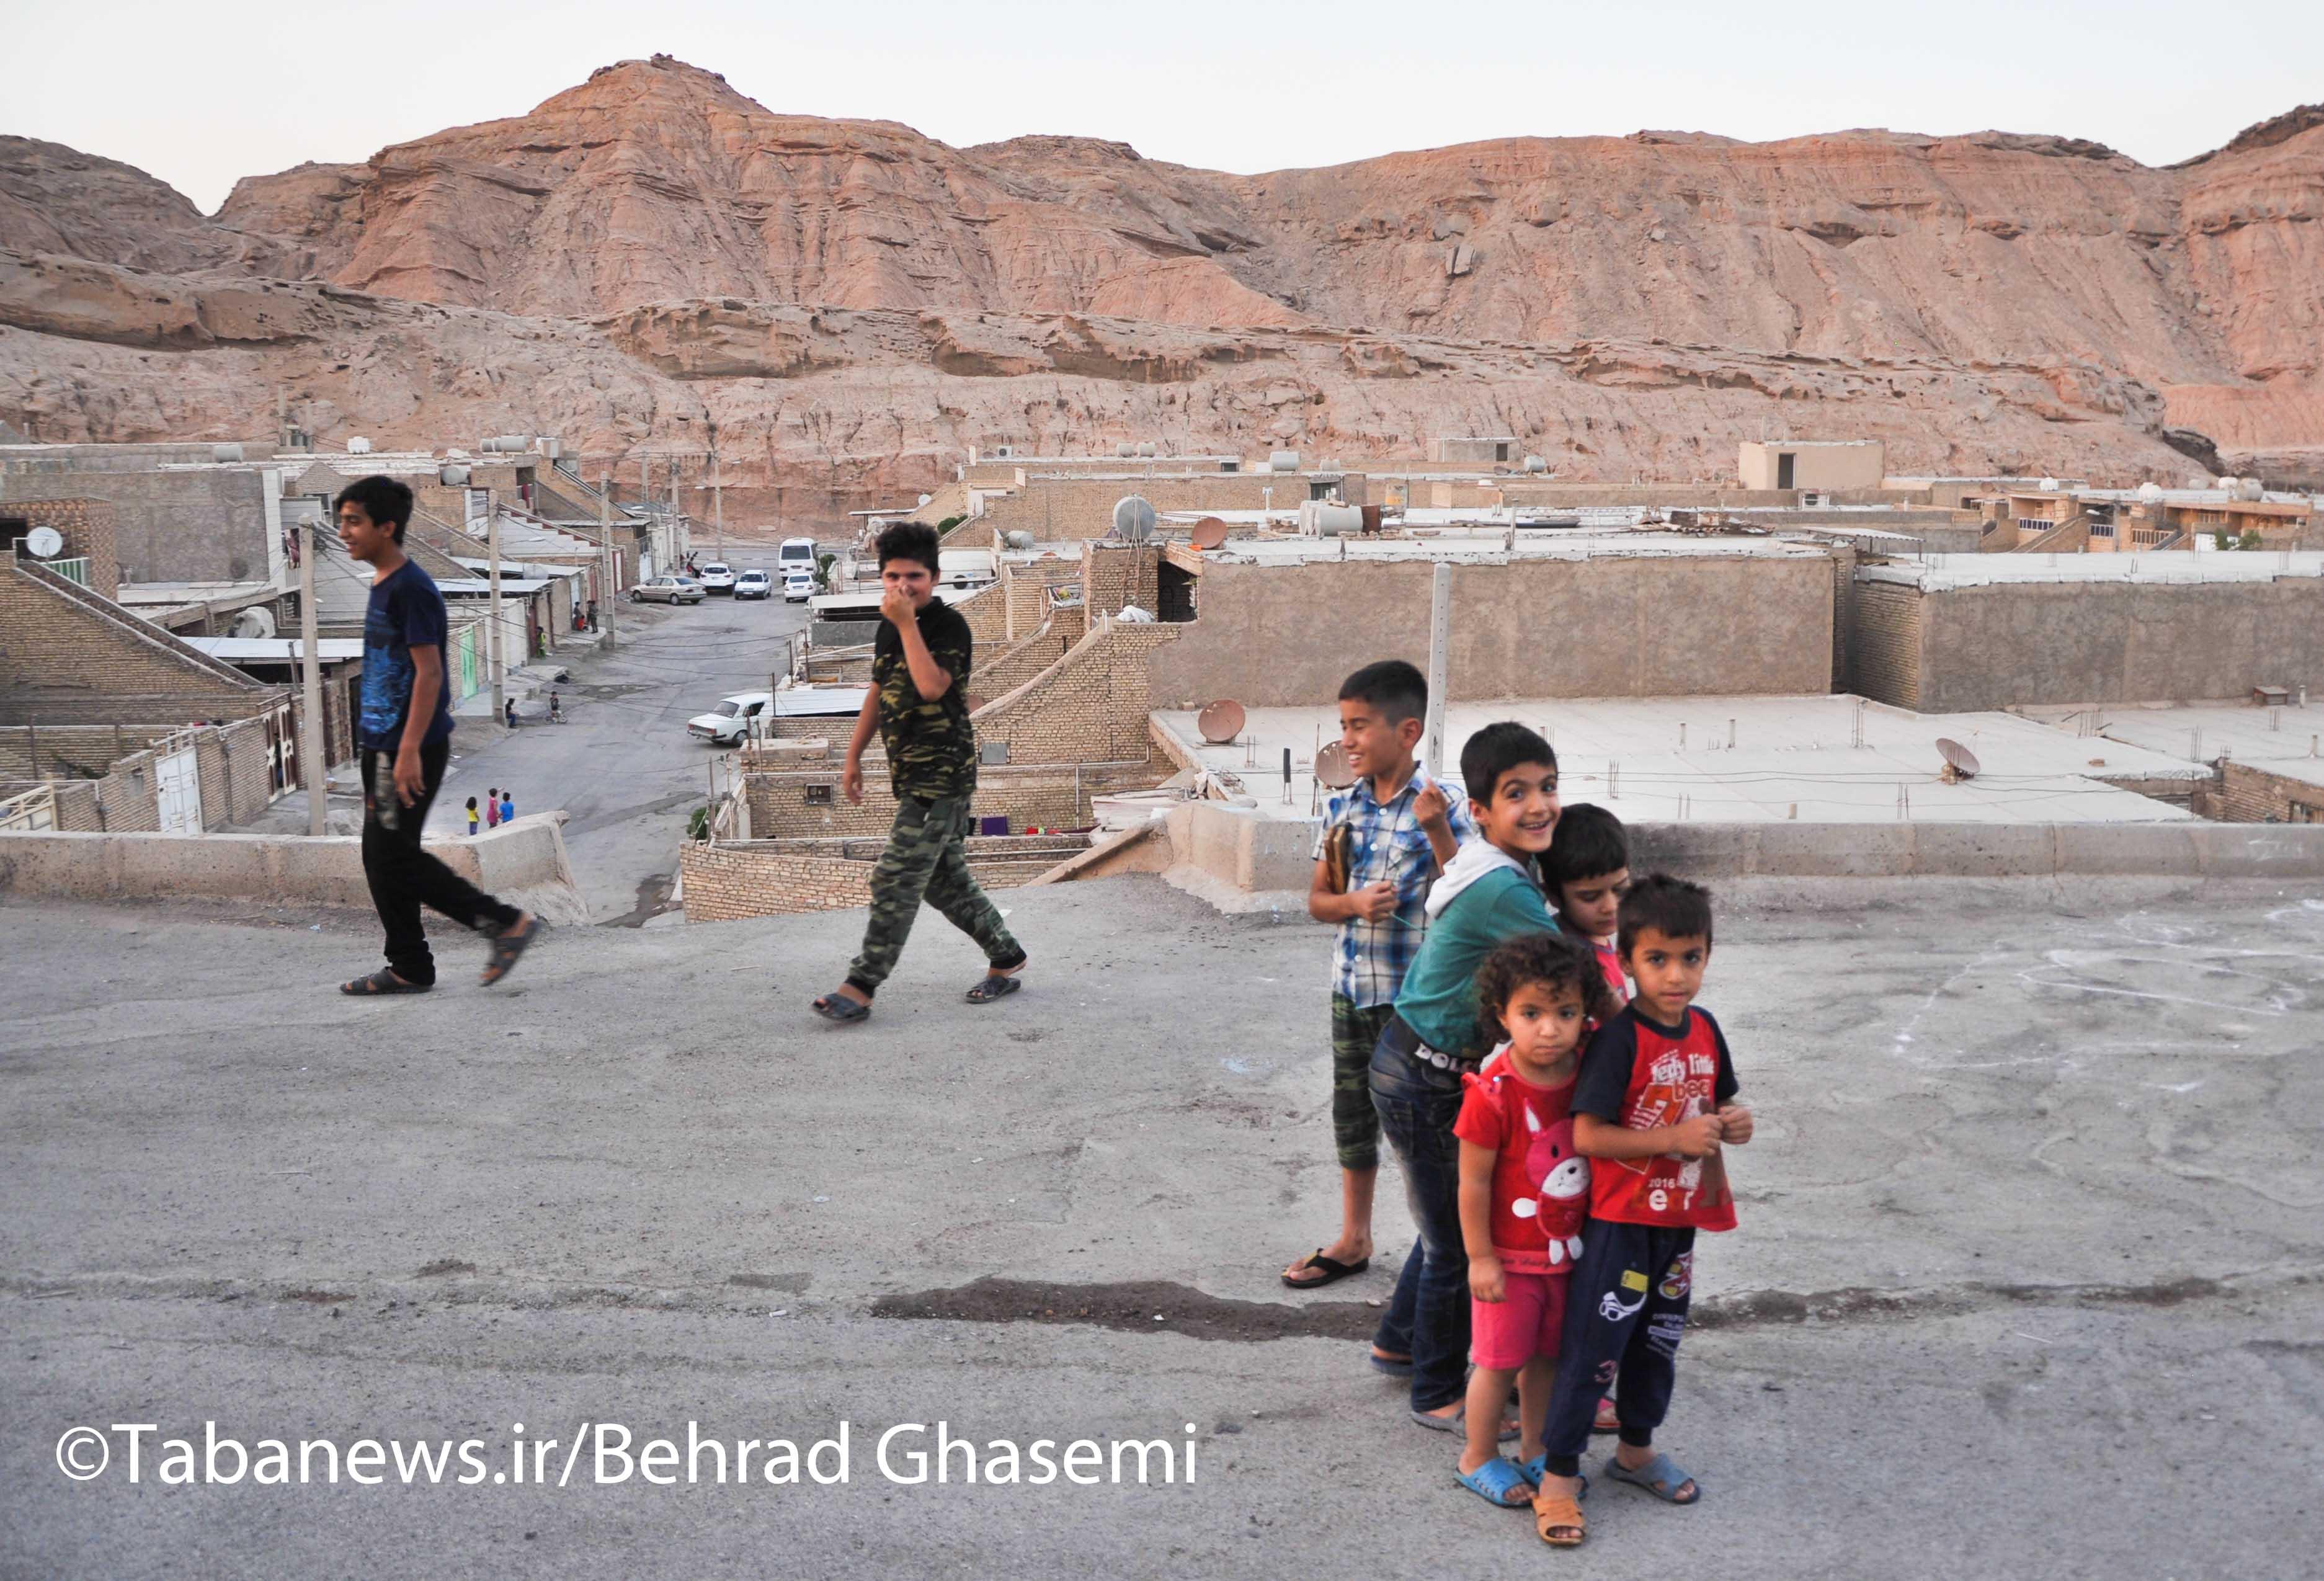 بیش از یک میلیون نفر در سکونتگاههای غیررسمی و بافت فرسوده خوزستان زندگی میکنند